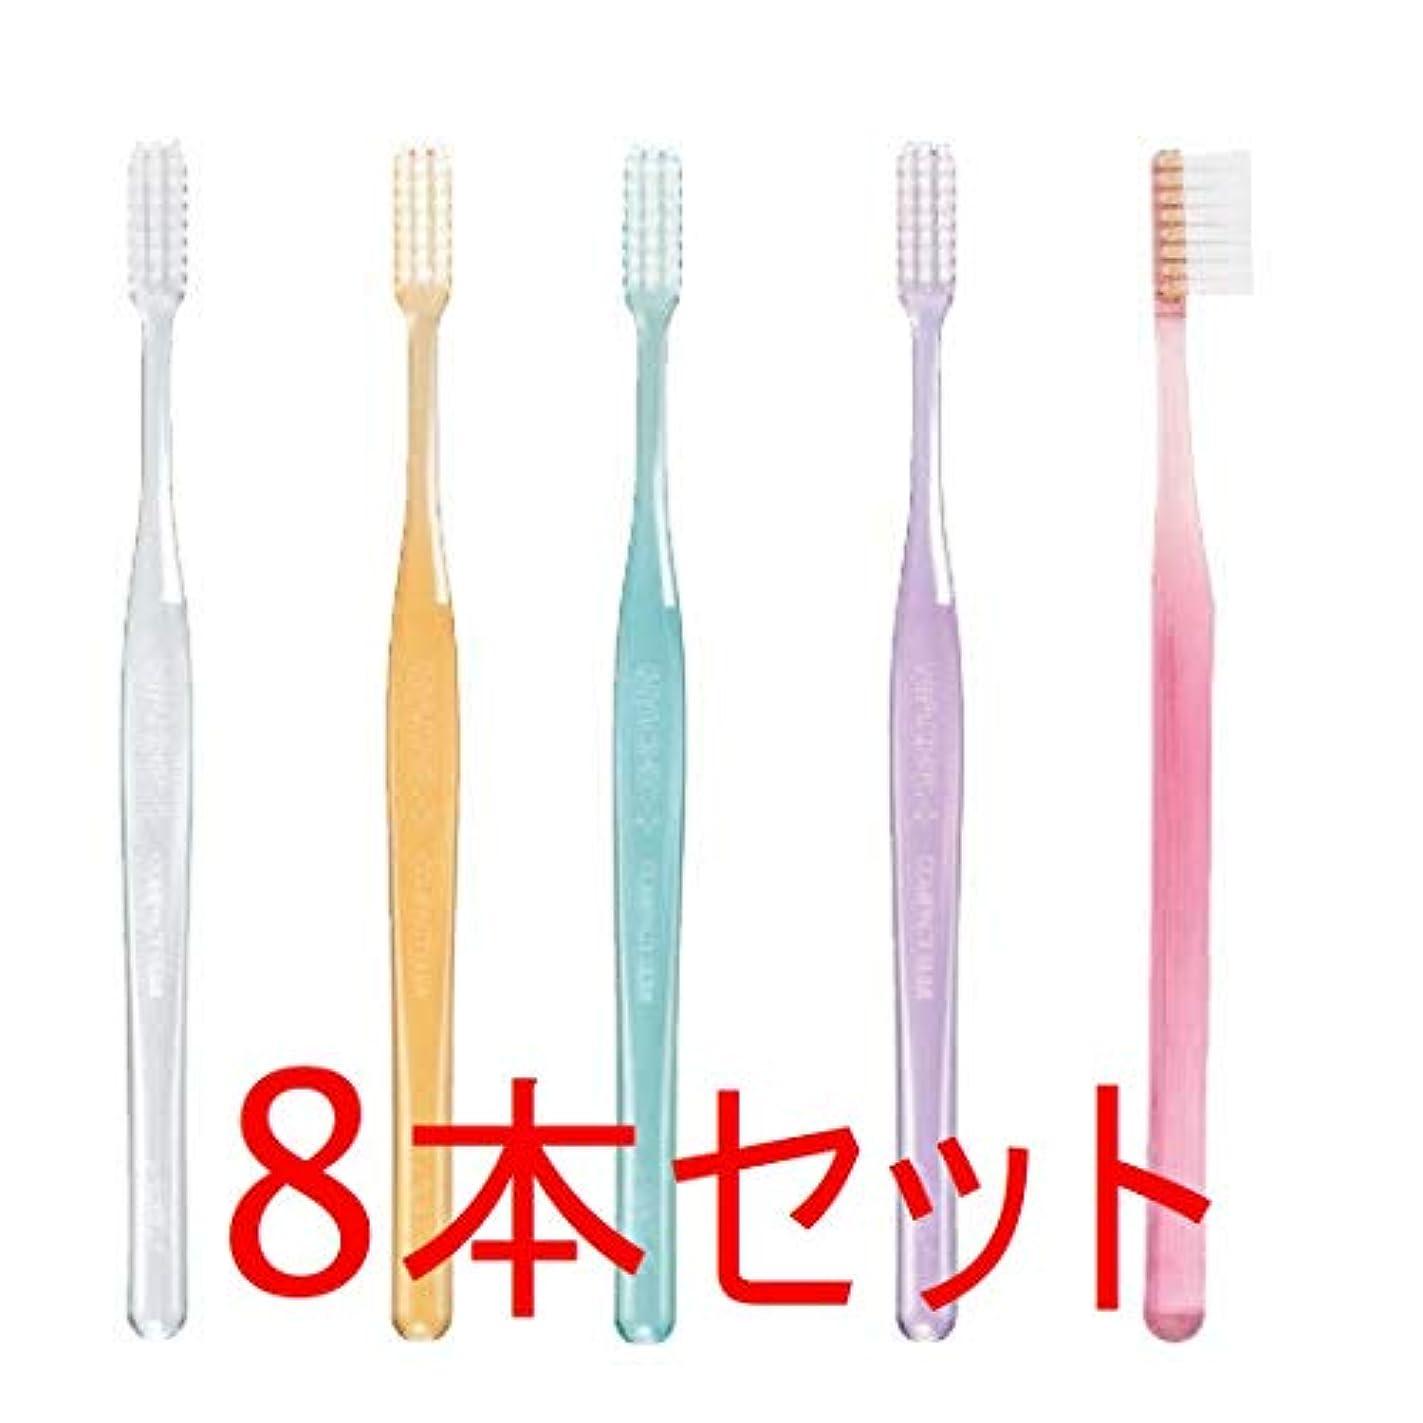 相対性理論恨みと遊ぶGC プロスペック 歯ブラシ プラス コンパクトスリム 8本 クリアー色 (M(ふつう), おまかせ)